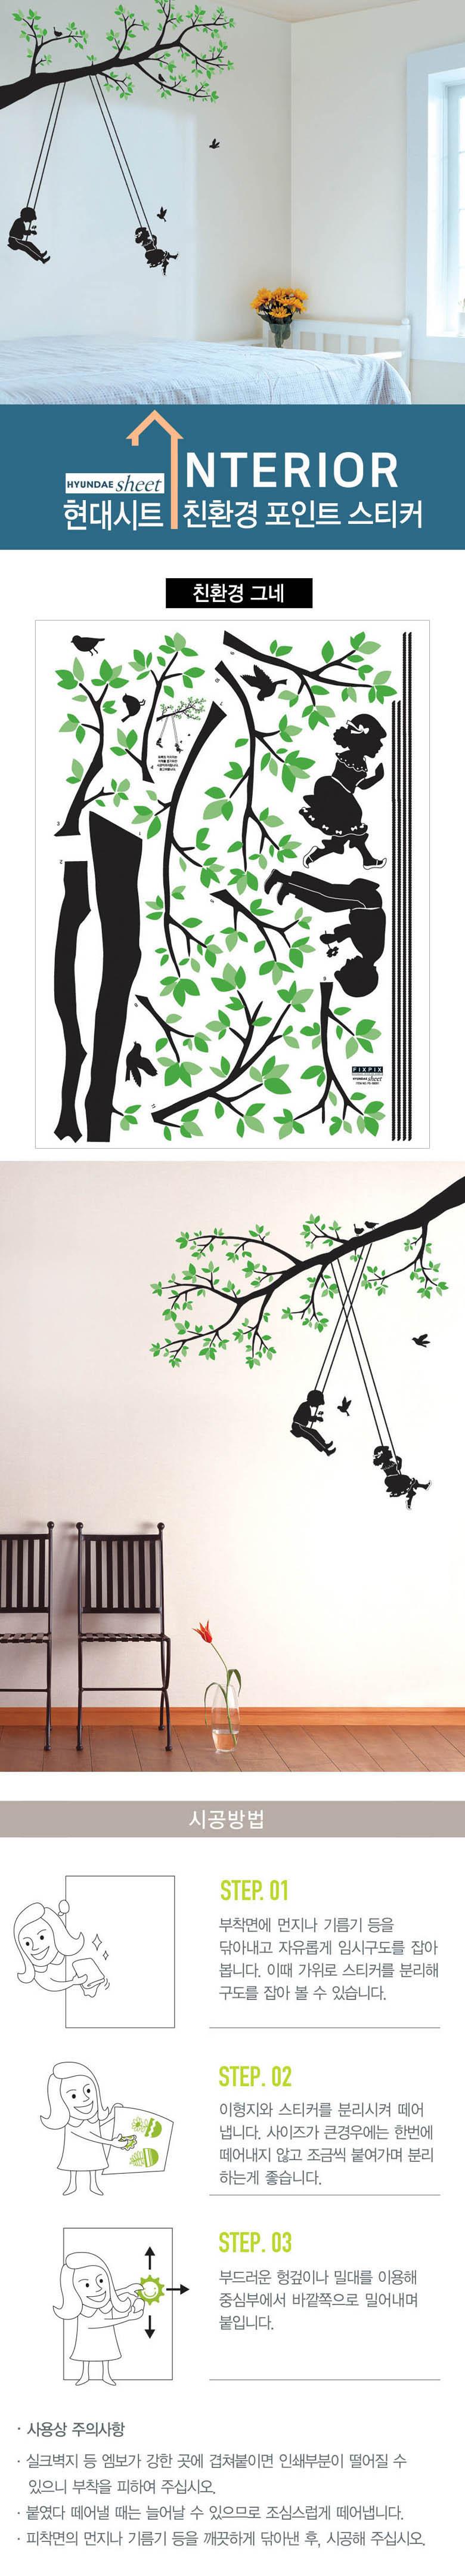 친환경 포인트스티커 그네 - 썬리빙, 4,900원, 월데코스티커, 나무/나뭇가지